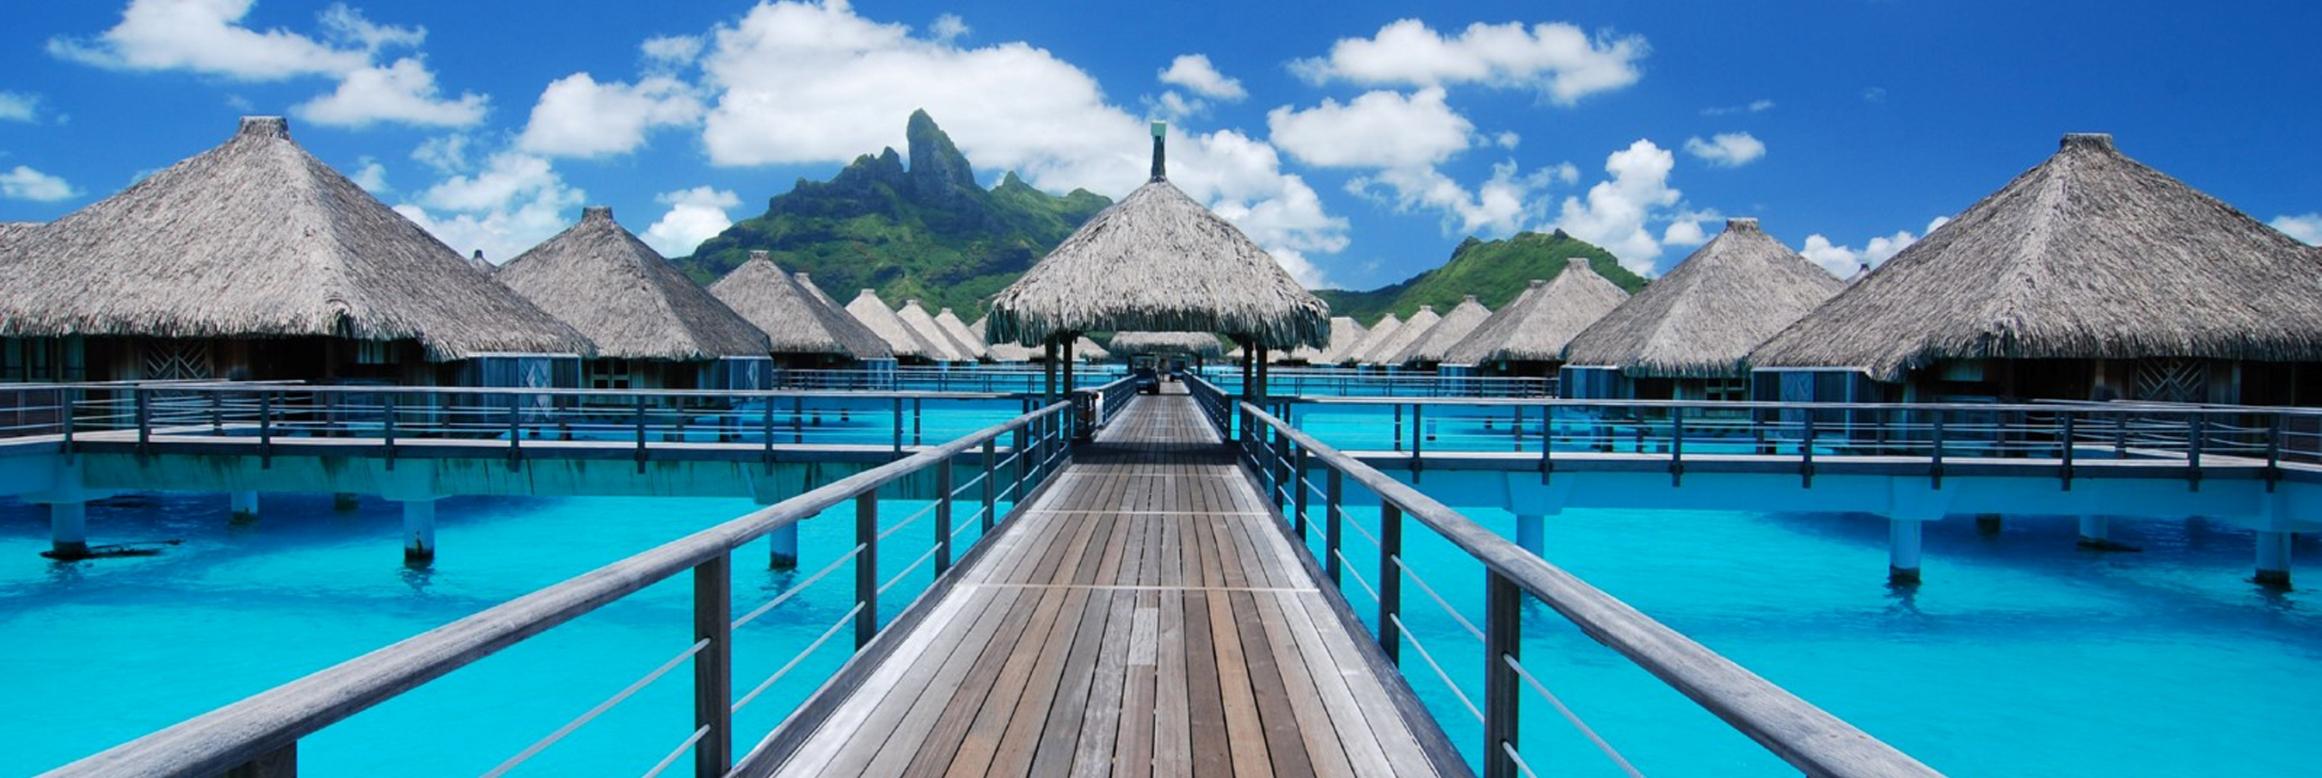 viaggi 4x4 peru peruresponsabile peru4x4 turismo sostenibile-35.jpg